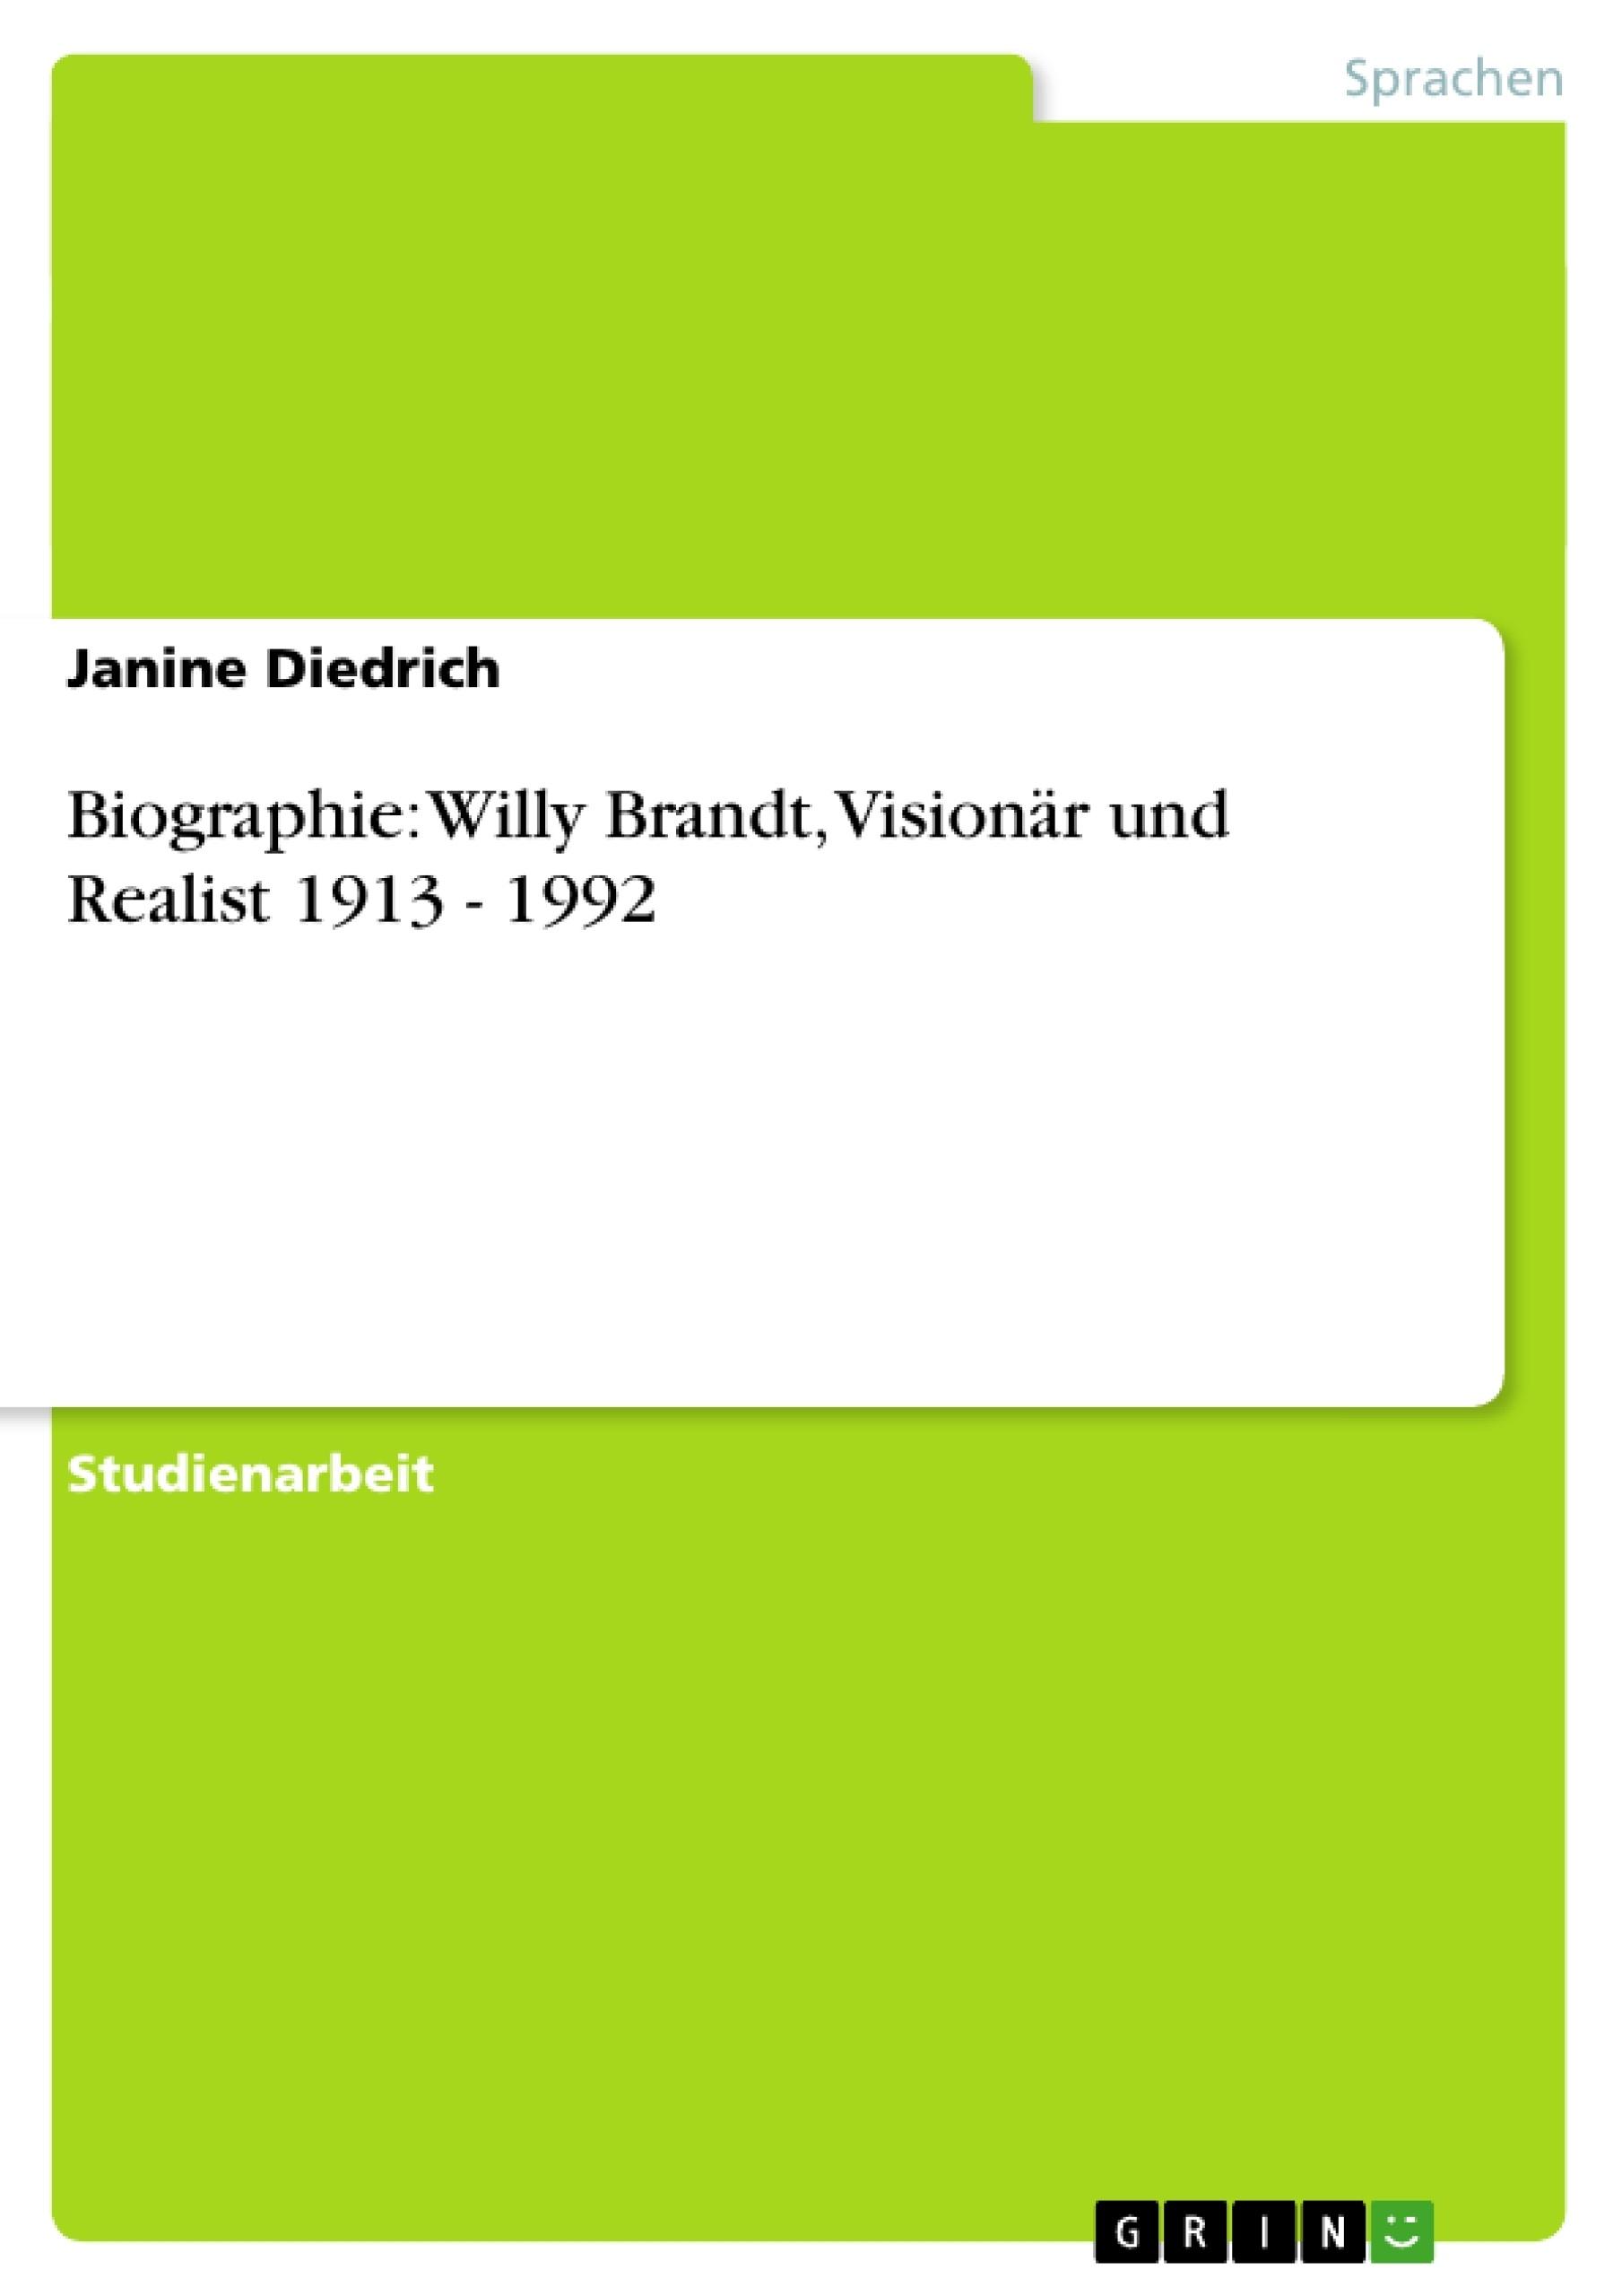 Titel: Biographie: Willy Brandt, Visionär und Realist 1913 - 1992